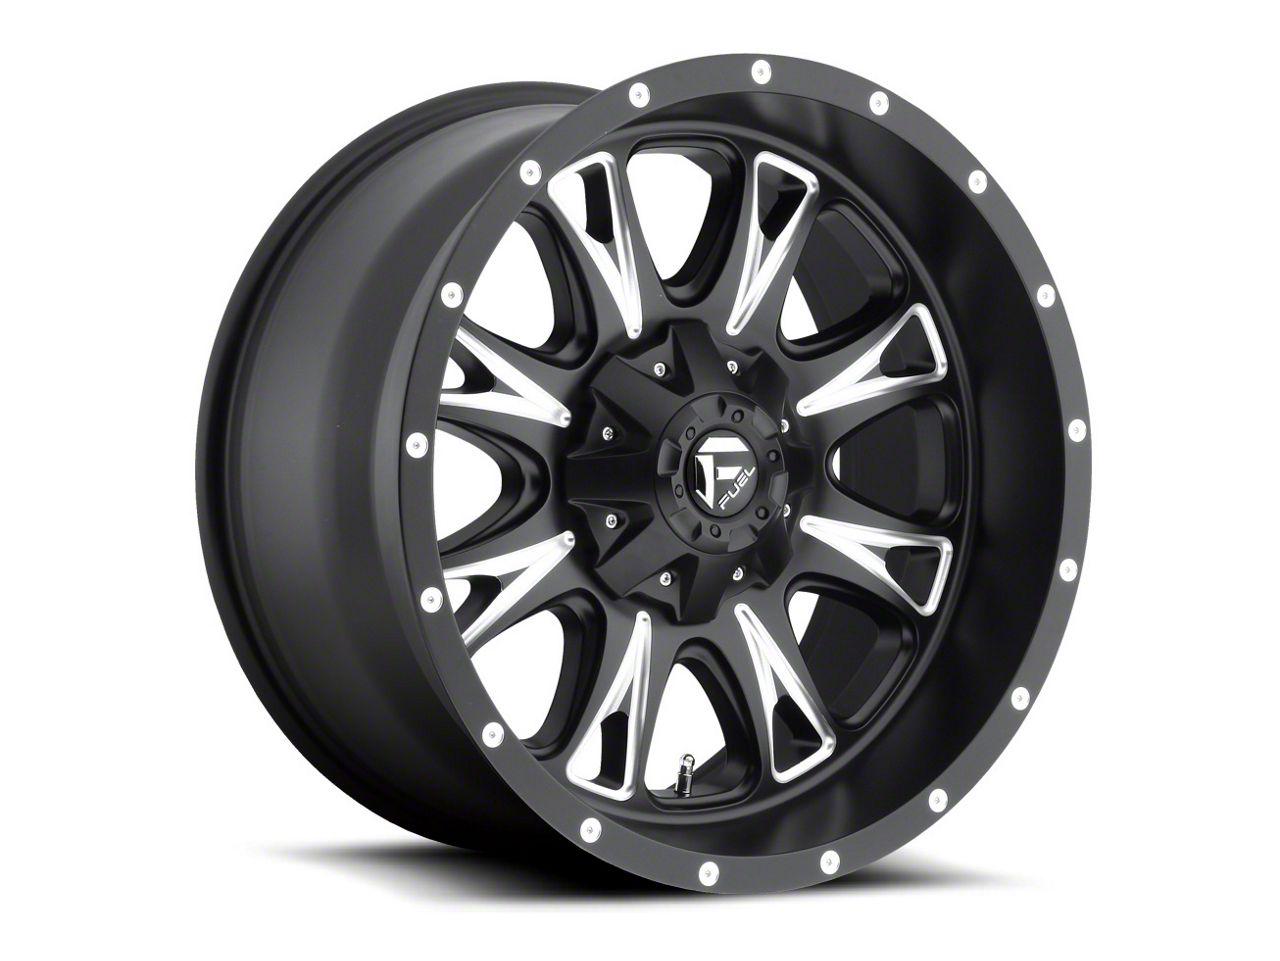 Fuel Wheels Throttle Black Milled 6-Lug Wheel - 20x12 (99-18 Silverado 1500)